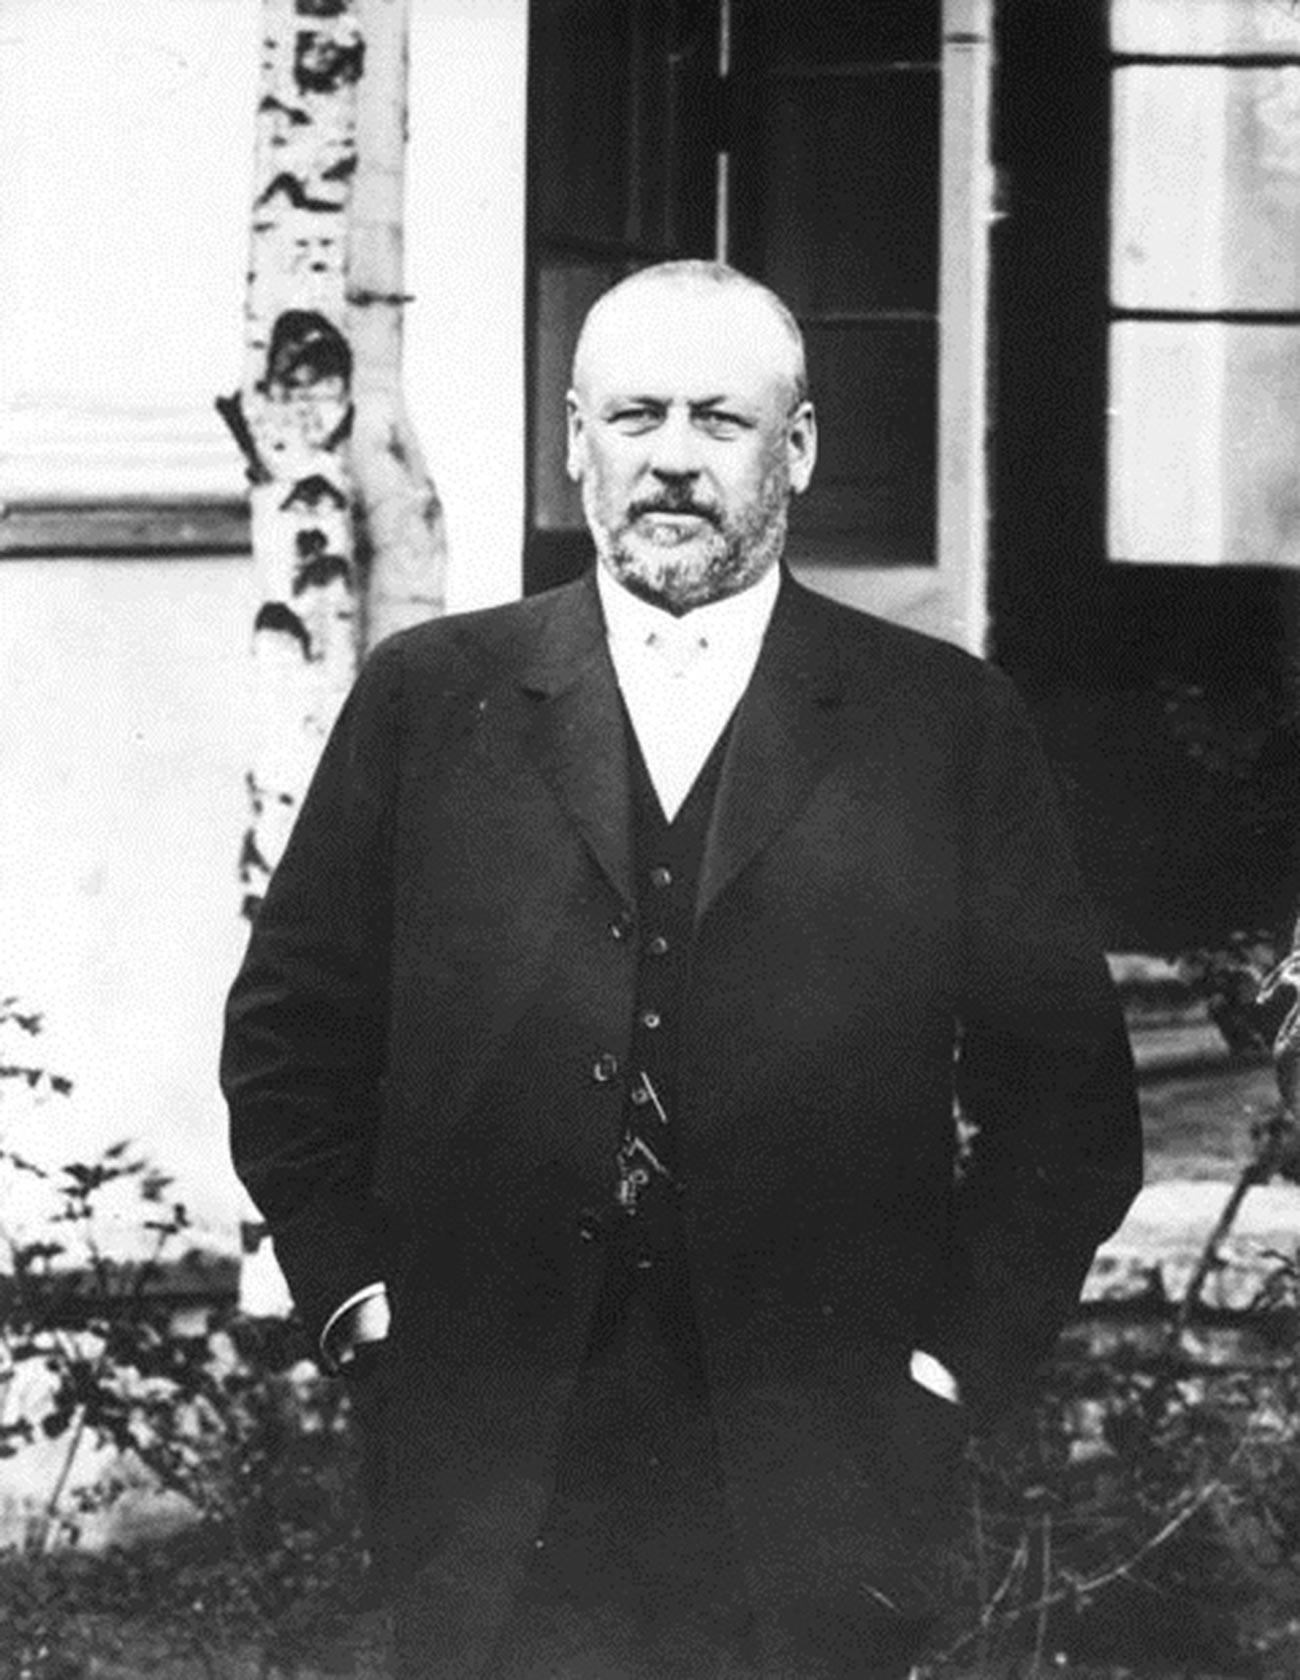 Michele Rodzyanko (1859-1924), capo della Duma di Stato tra il 1911 e il 1917